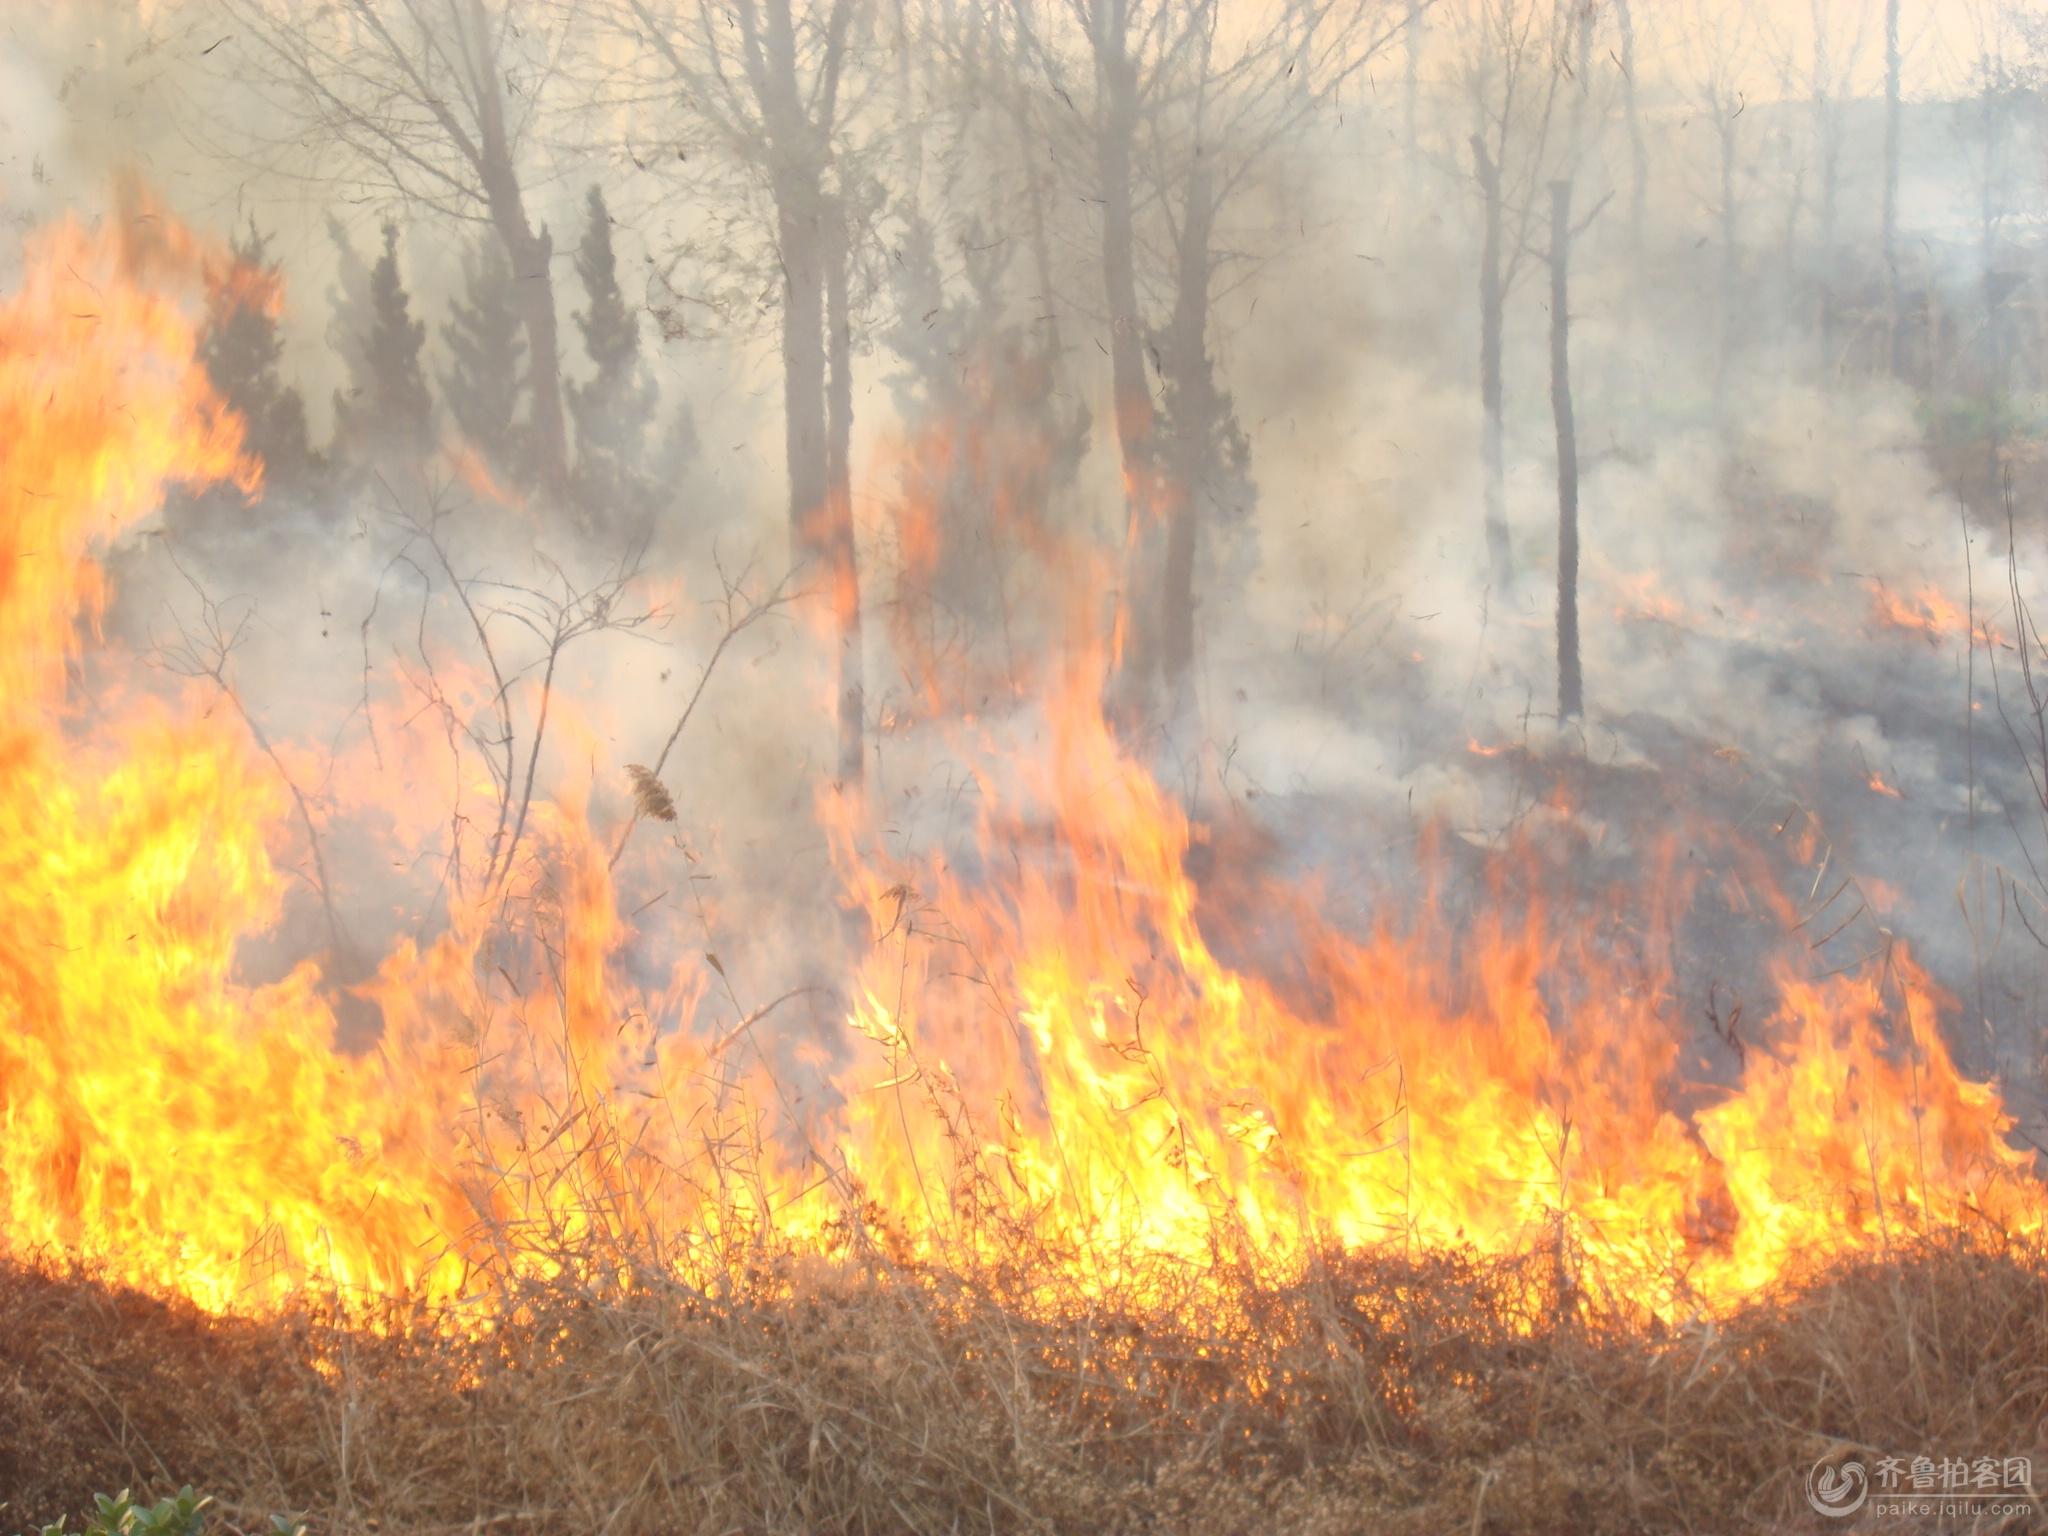 今天一场大火将县城幸福河的绿化带引燃,一片片低矮的灌木丛被烧得稀稀疏疏,有些树枝被烧断,树皮被烧成木炭。燃烧过的地方一片狼藉。看到这种场景确实让人心疼。火灾的原因可能是有人焚烧沟中的杂草,导致火势蔓延到了绿化带。冬季各种树木已经落叶,杂草已经枯萎,稍不注意就可能引发火灾。